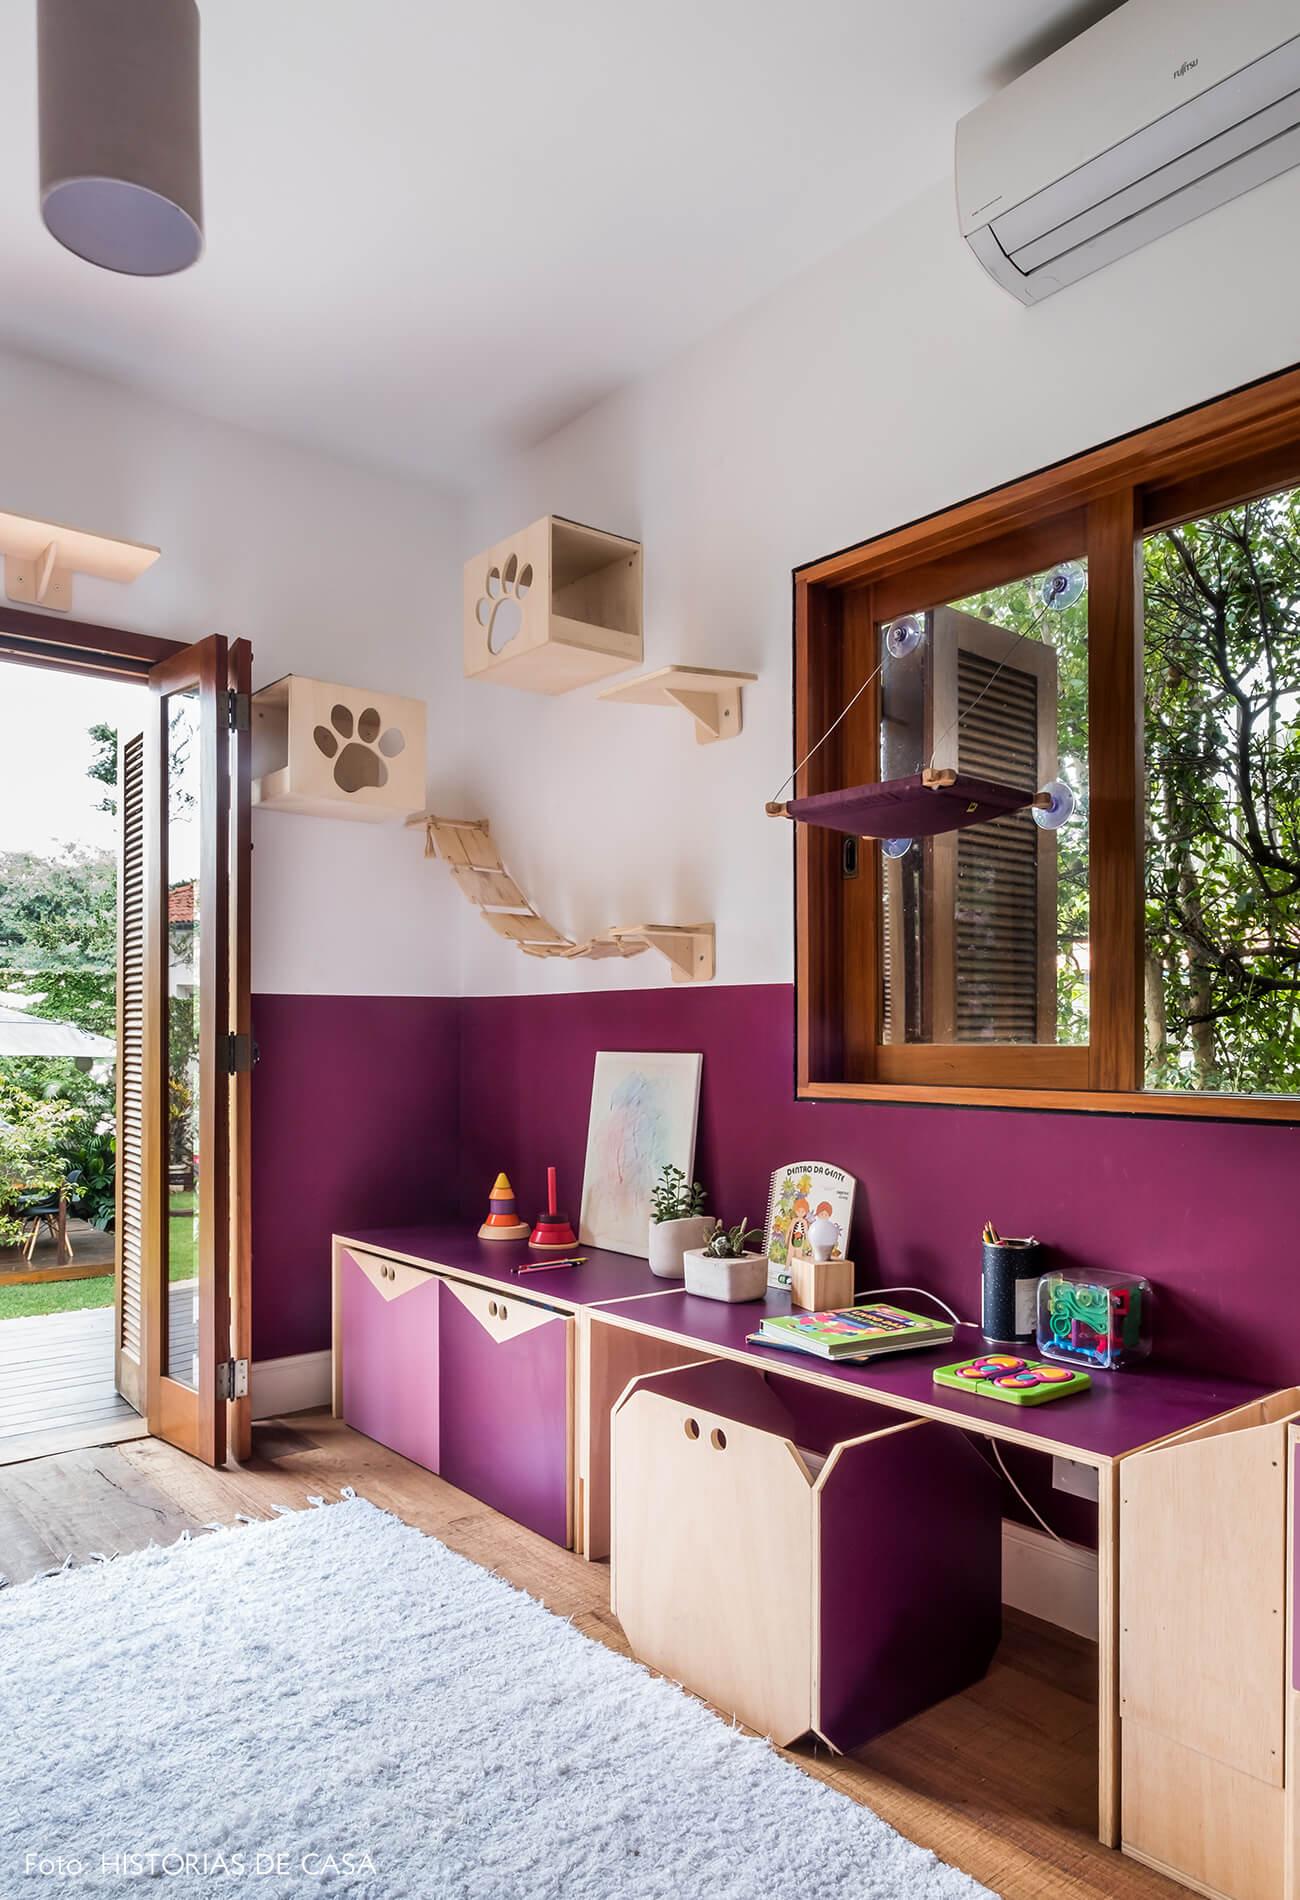 Casa com jardim e brinquedoteca colorida para as crianças. Paredes pintadas de roxo.